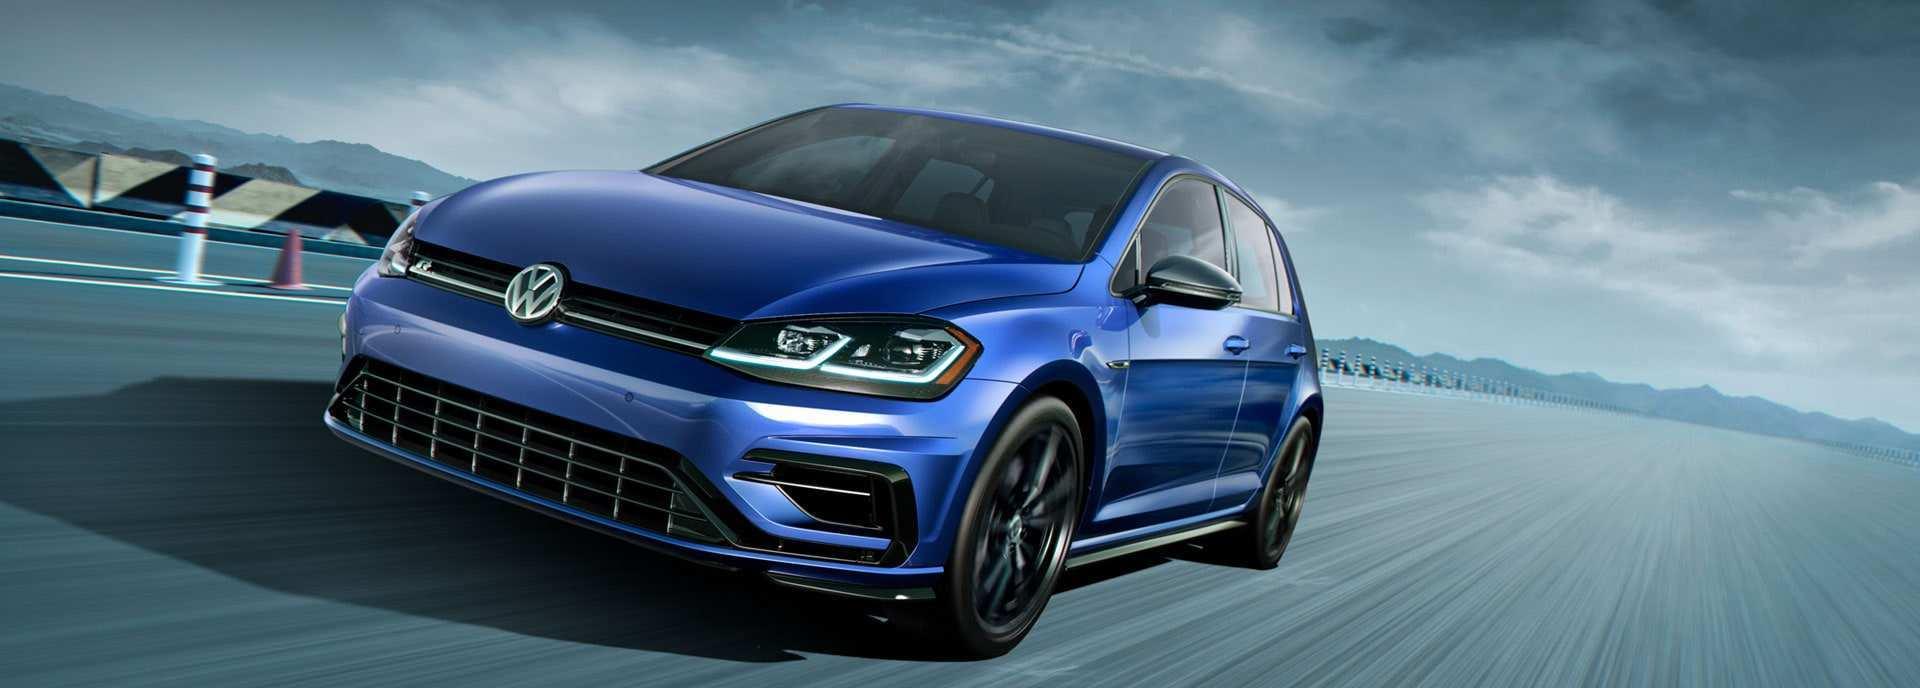 31 Concept of 2019 Volkswagen R Spesification for 2019 Volkswagen R